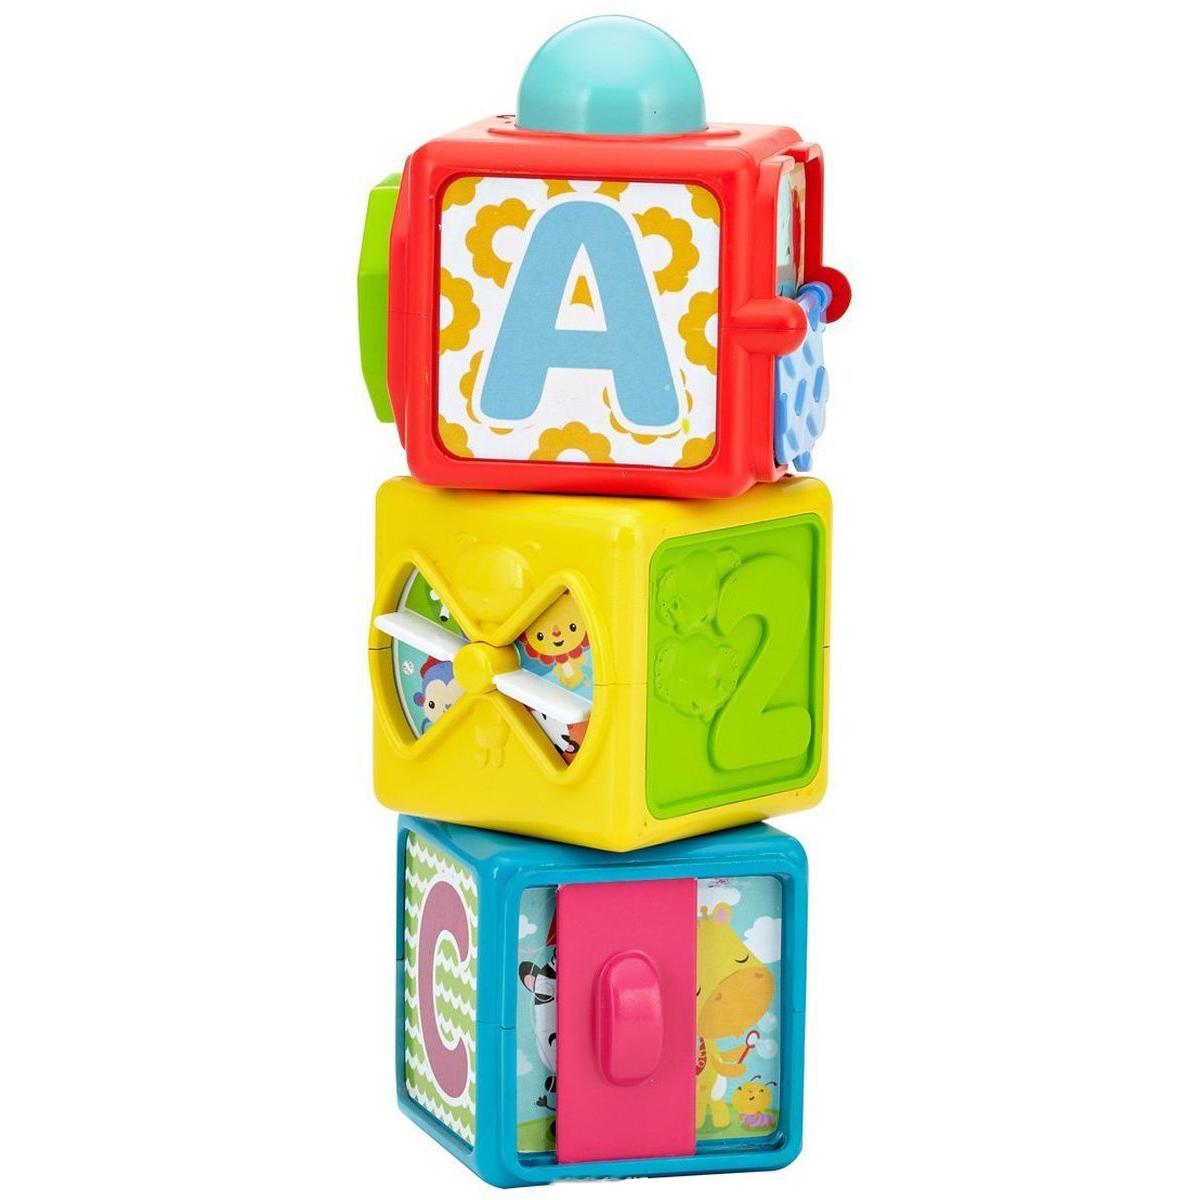 Игровой набор - Развивающие кубики, 3 штукиКубики<br>Игровой набор - Развивающие кубики, 3 штуки<br>